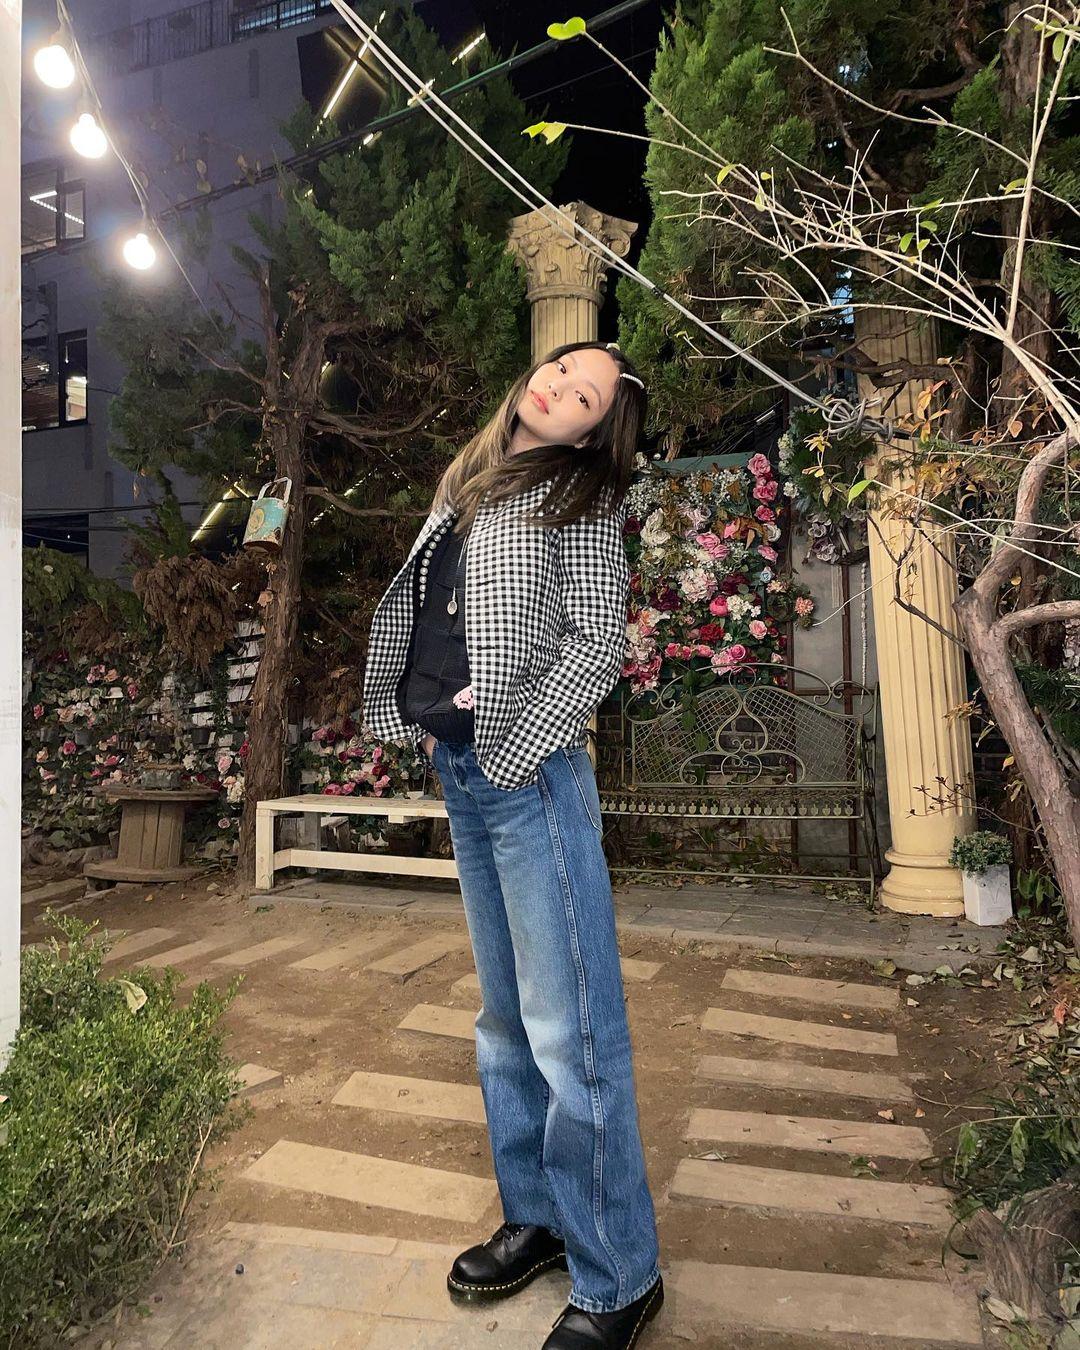 Jennie, Jisoo lăng xê kiểu tóc thắm thơm thời xửa xưa, thế mà trông lại thành trend mới chết! - Ảnh 3.